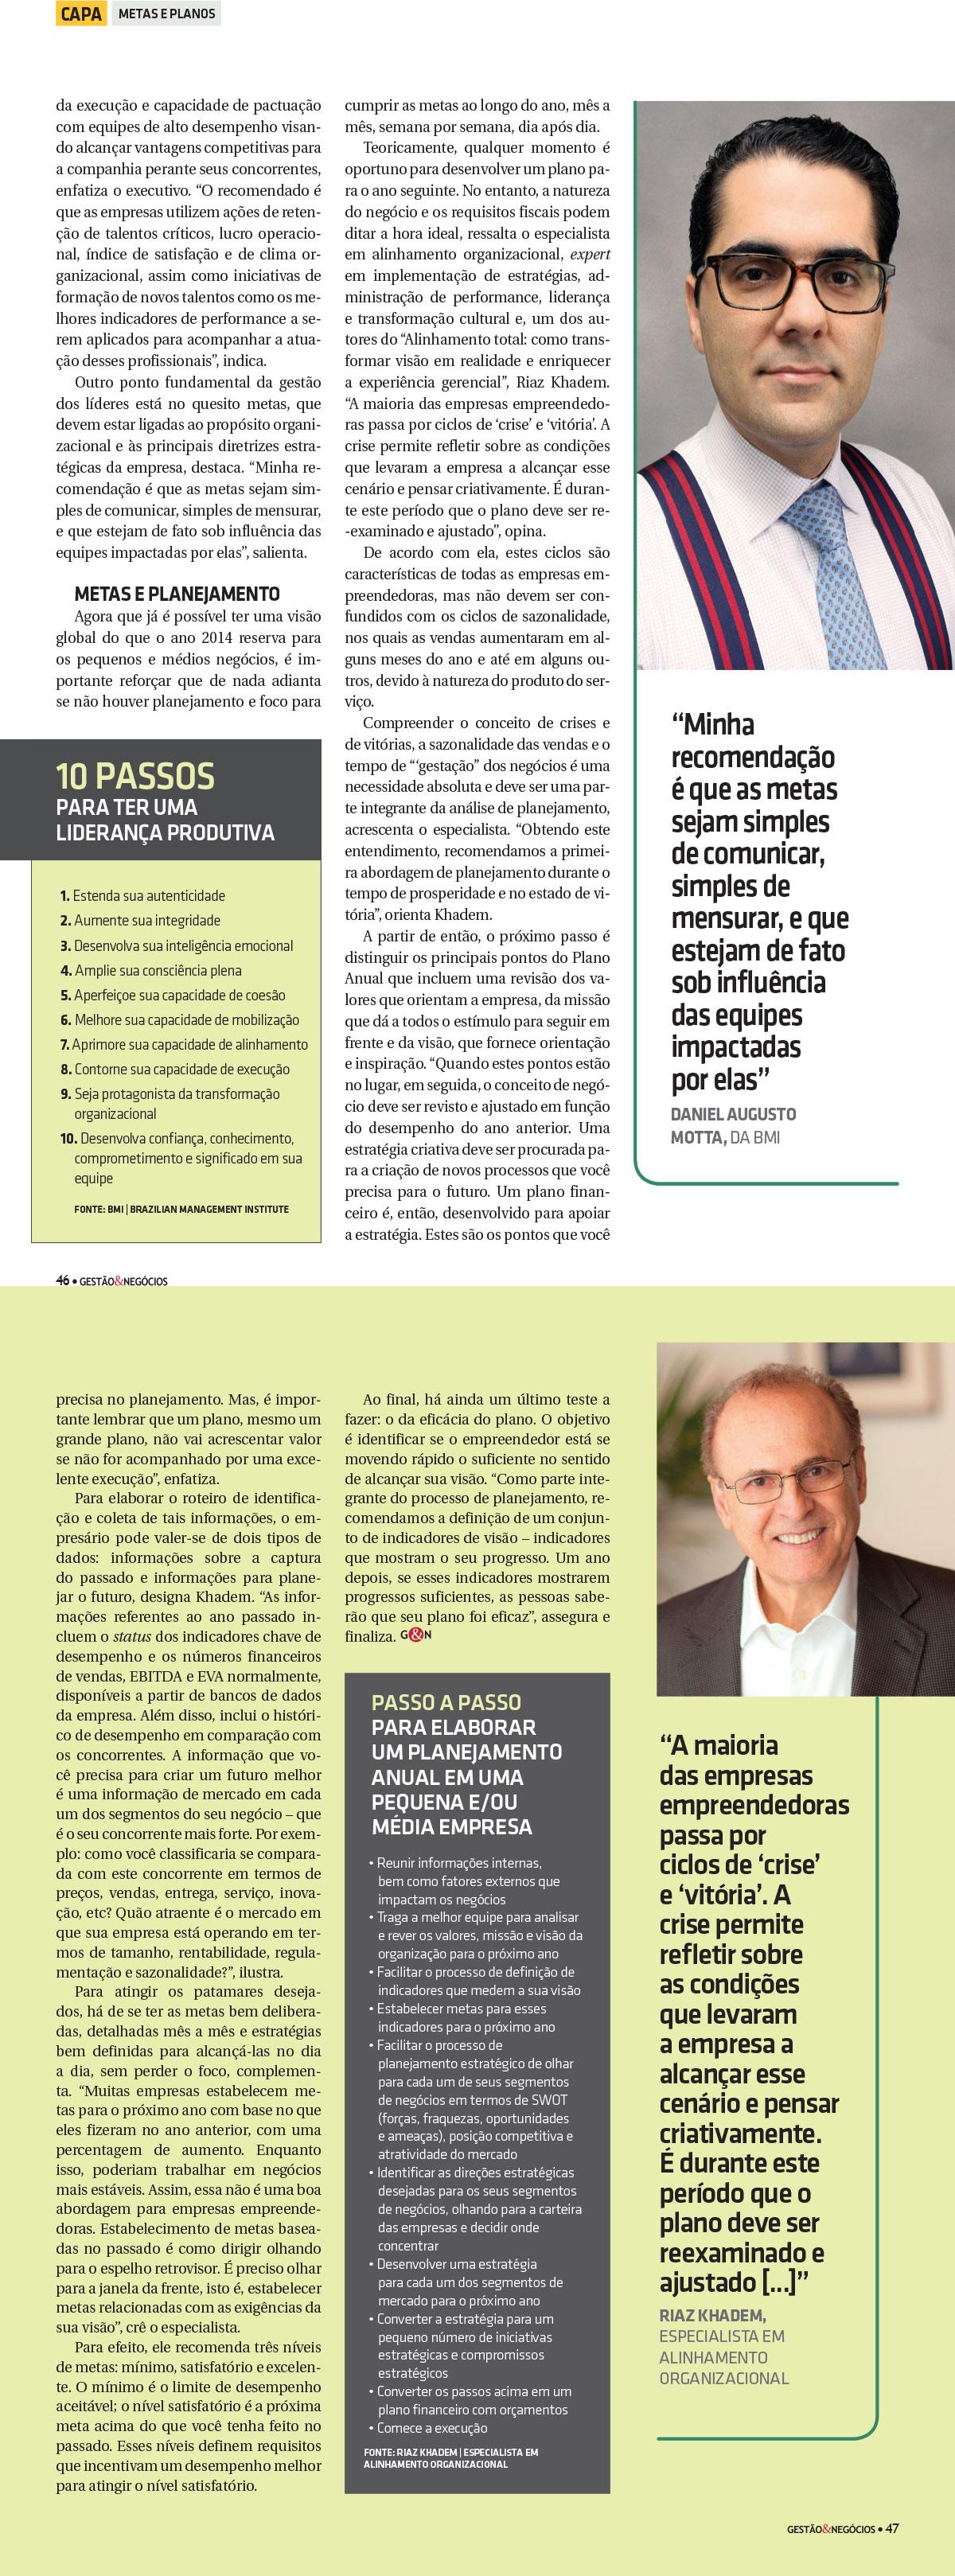 capa_na_revista_gestao_de_negocio-3